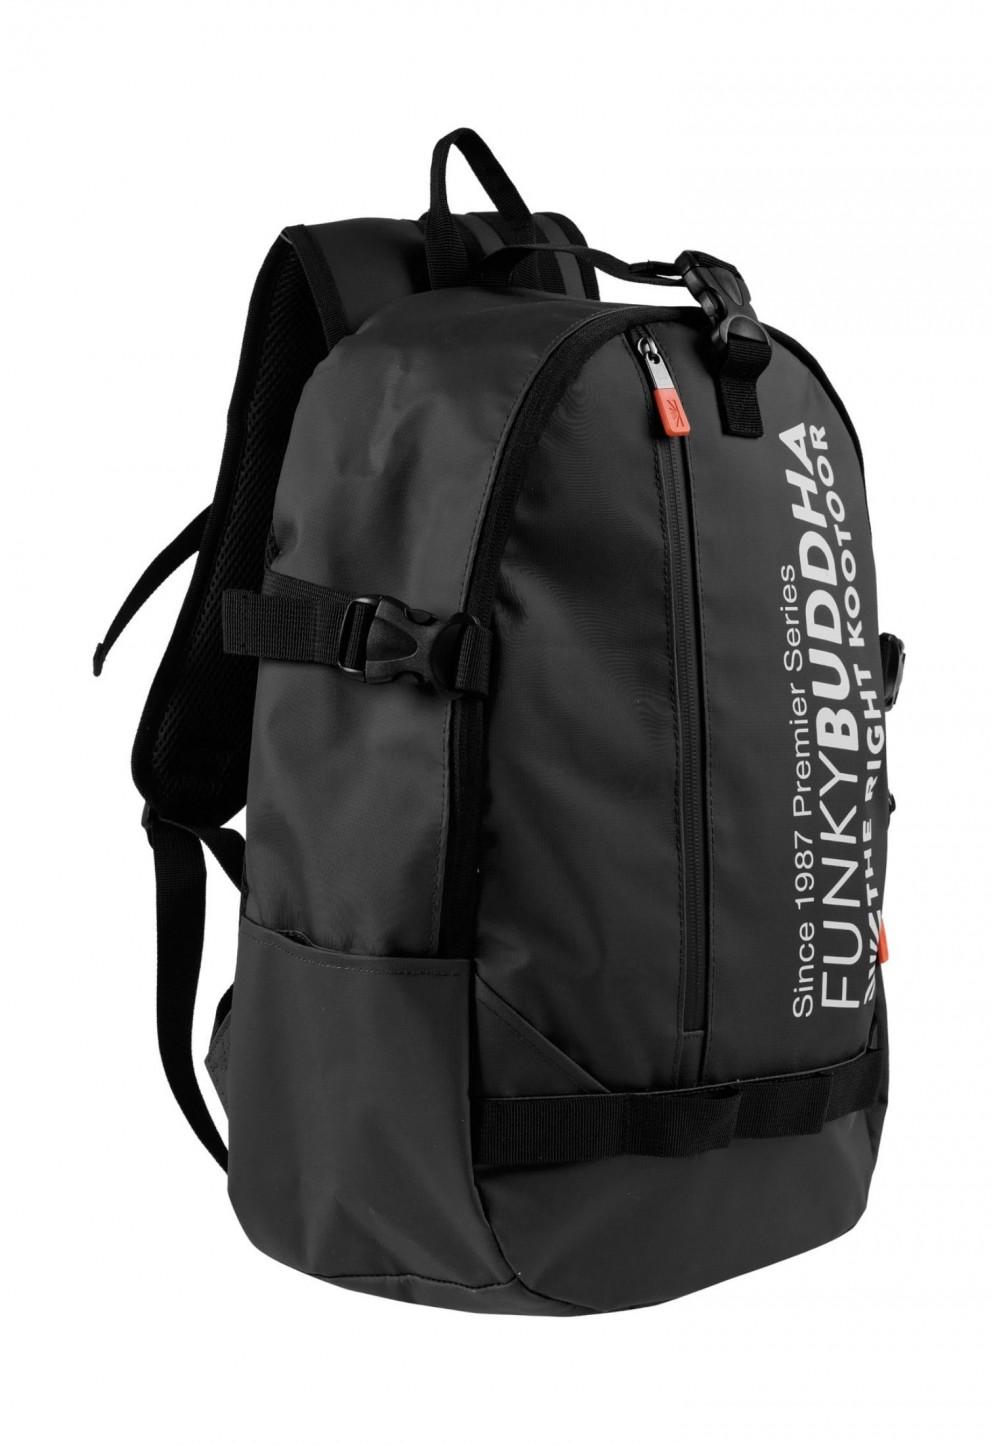 Чорний спортивний рюкзак з принтом логотипу